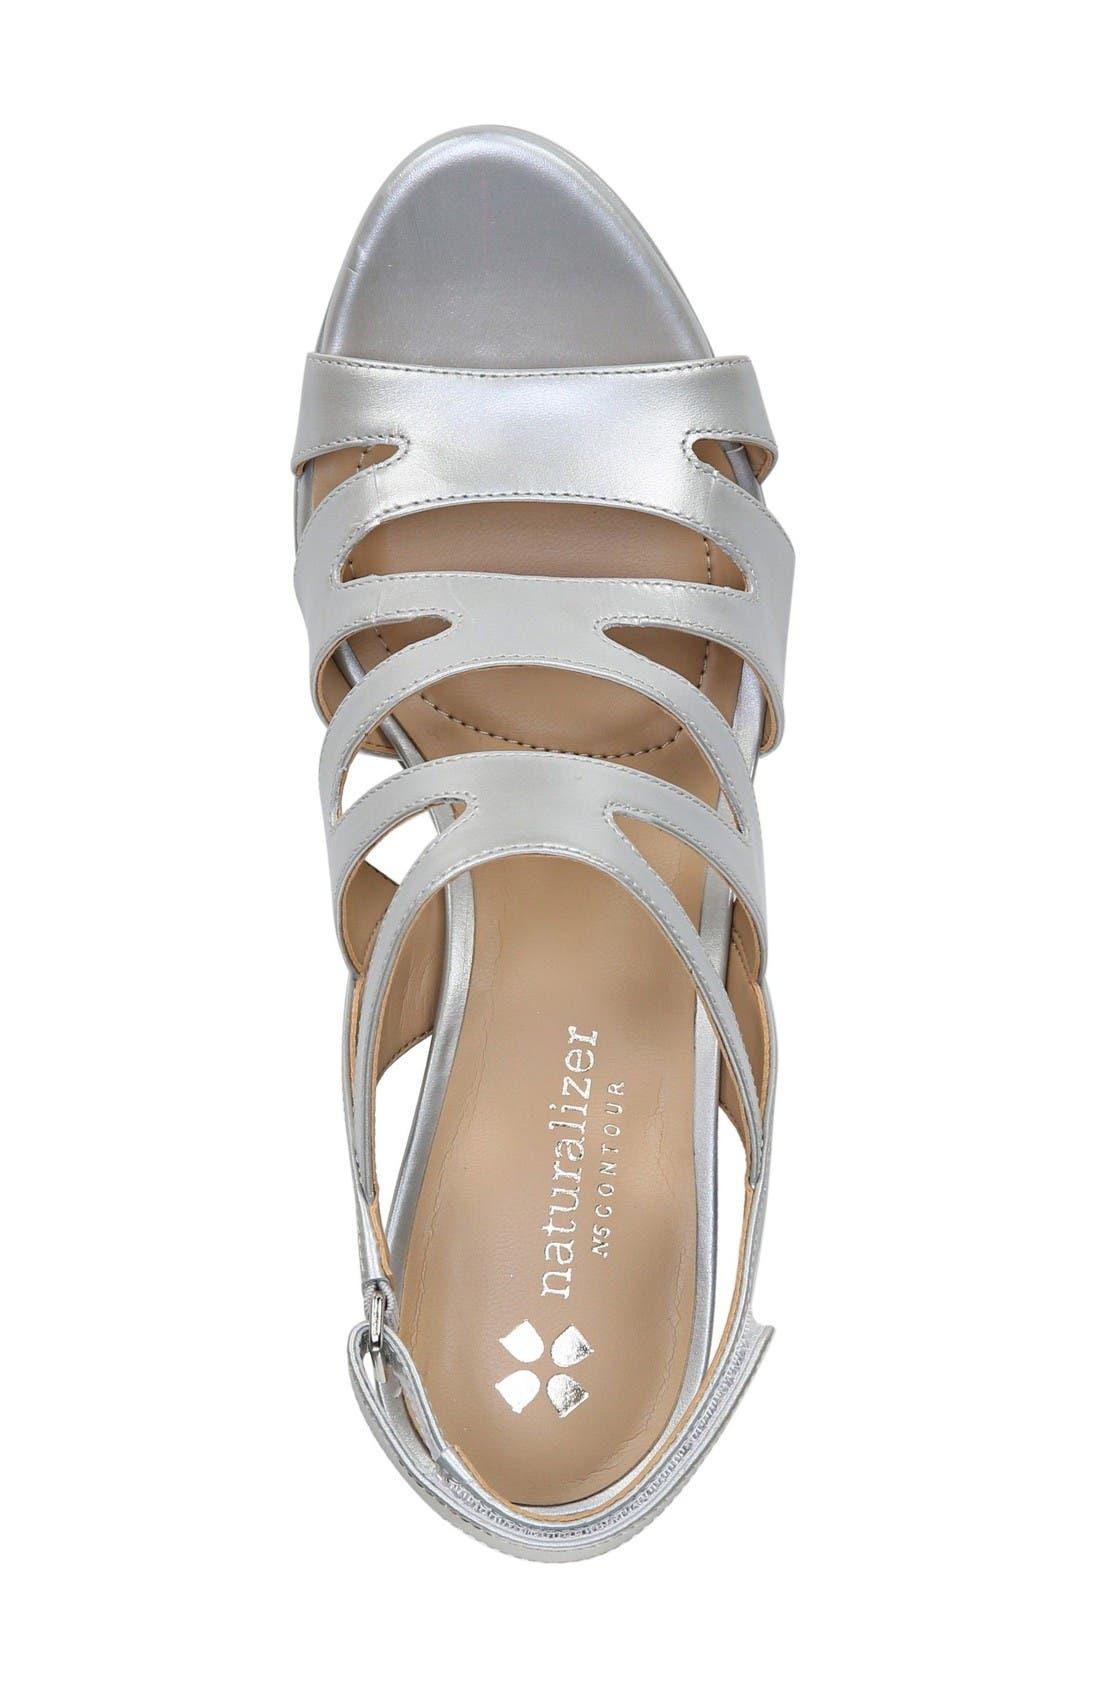 'Pressley' Slingback Platform Sandal,                             Alternate thumbnail 3, color,                             Silver Leather